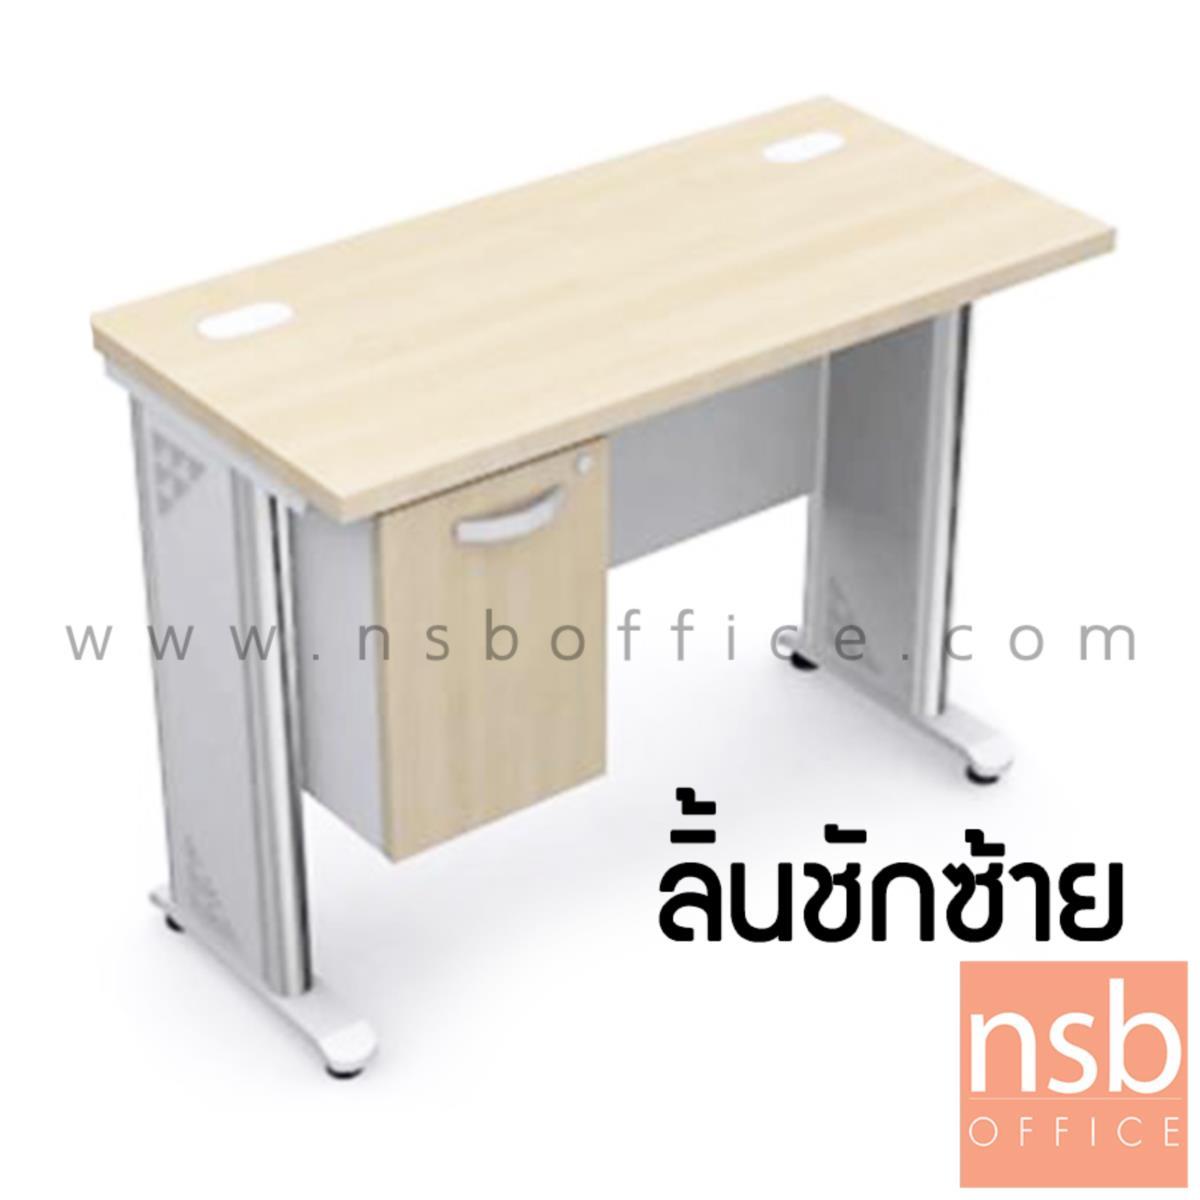 A18A021:โต๊ะทำงาน 1 ลิ้นชักข้าง รุ่น Hewitt (ฮิววิต) ขนาด 100W*75H cm.  ขาเหล็ก